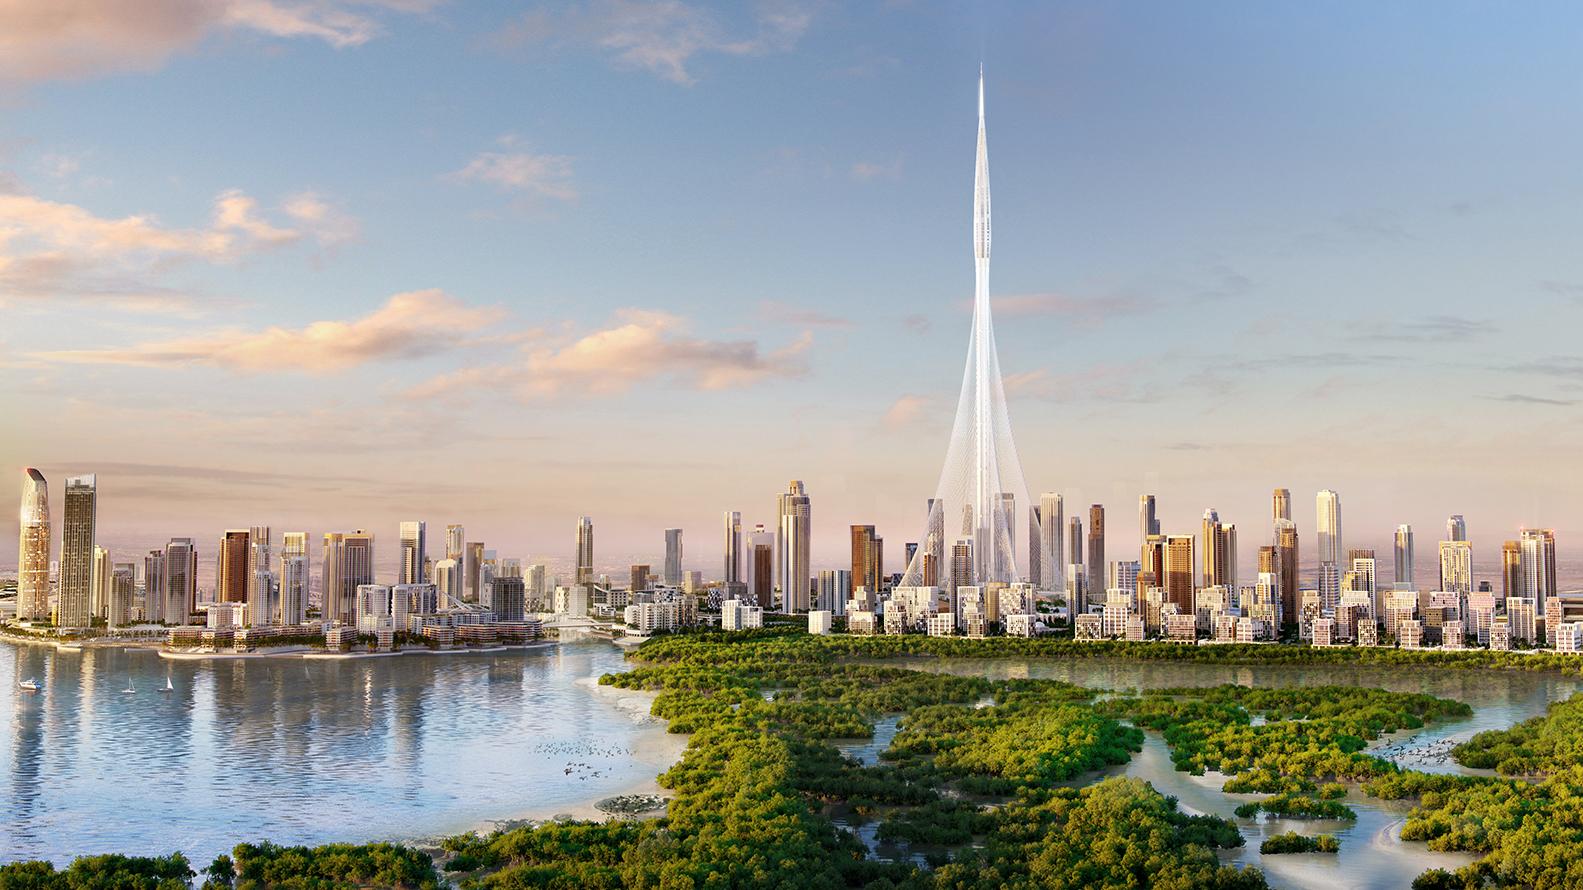 برج خور دبي اطول برج في العالم مقالات منصة القارئ العربى